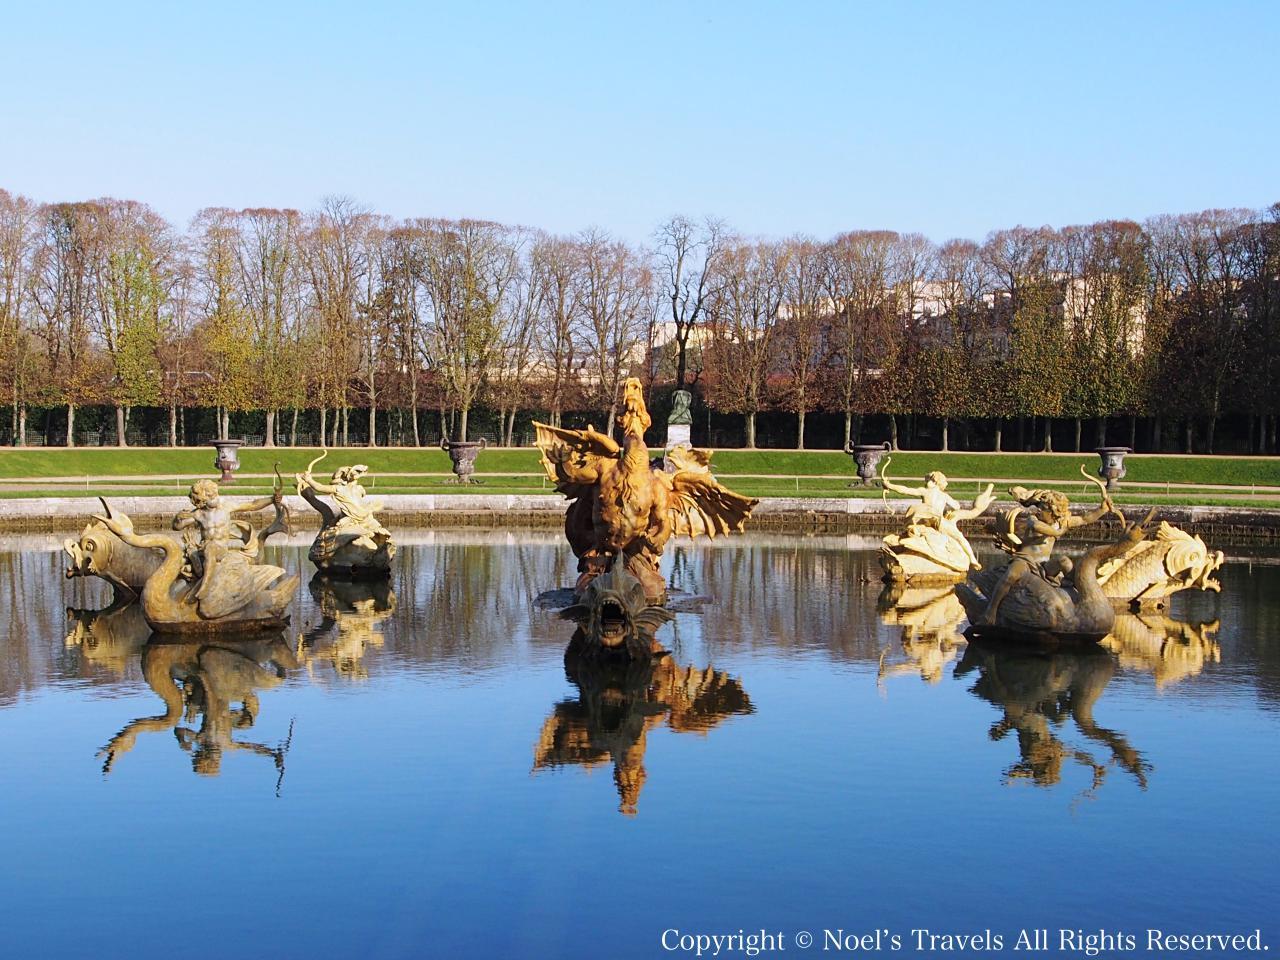 ヴェルサイユ宮殿のドラゴンの噴水